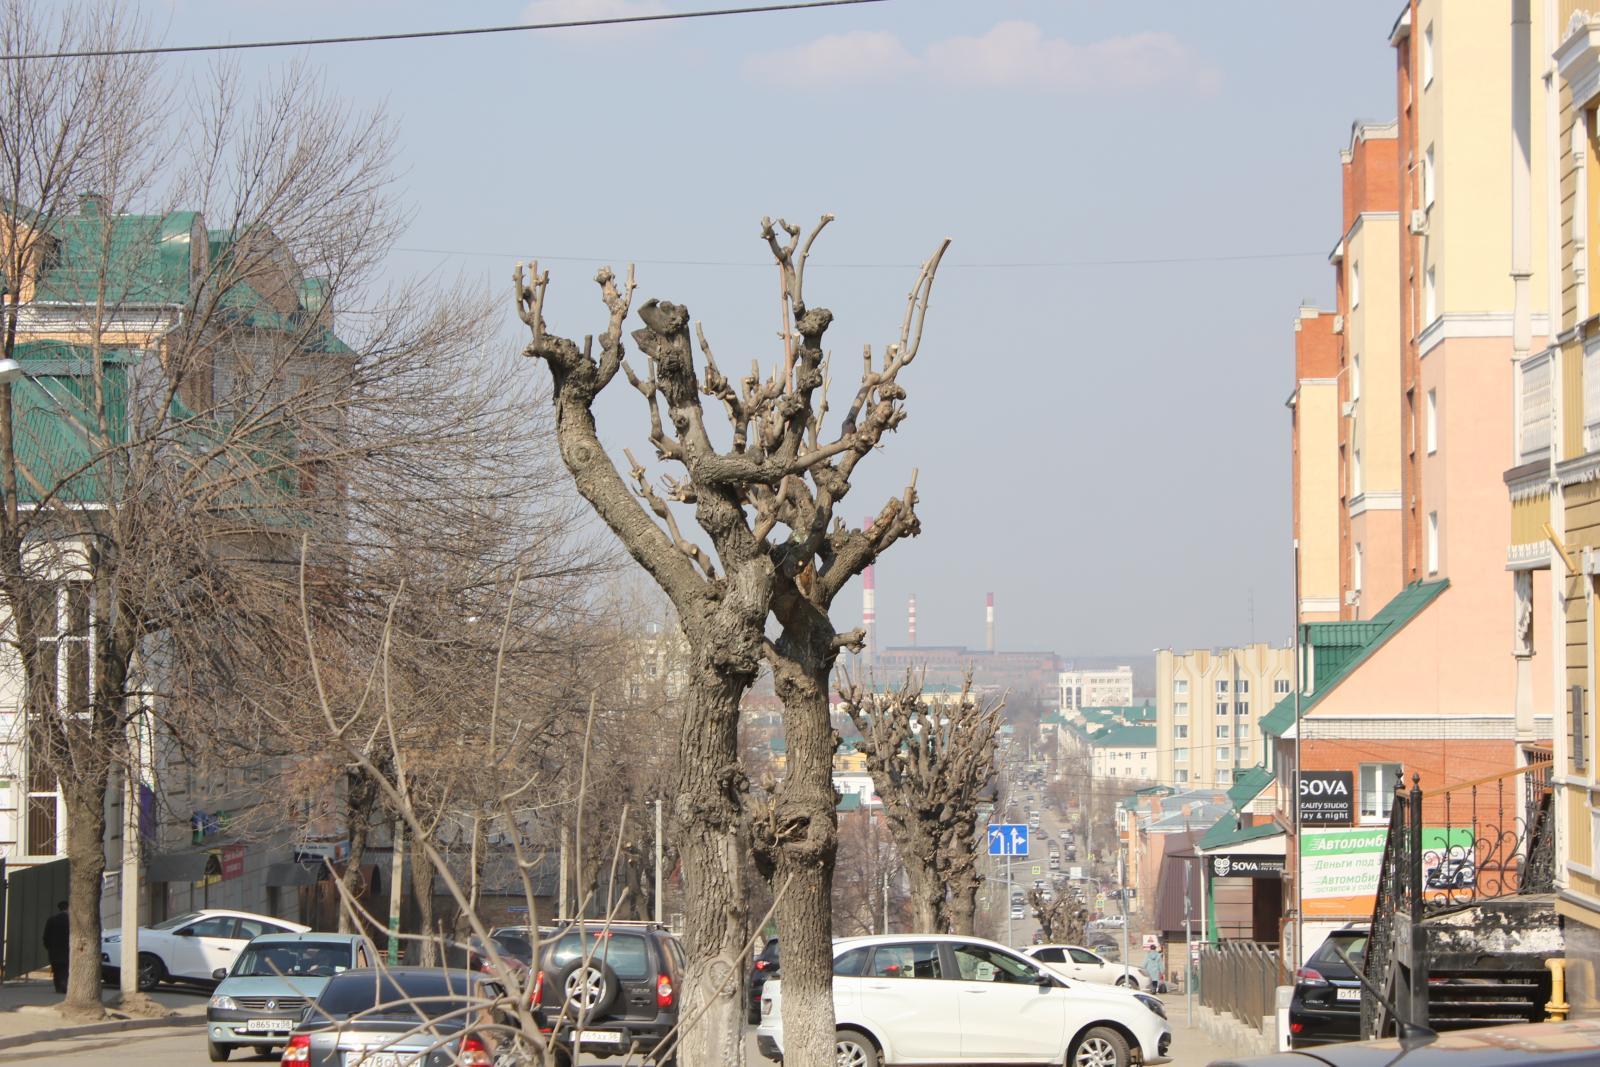 400 ТЦ в России работают без разрешения